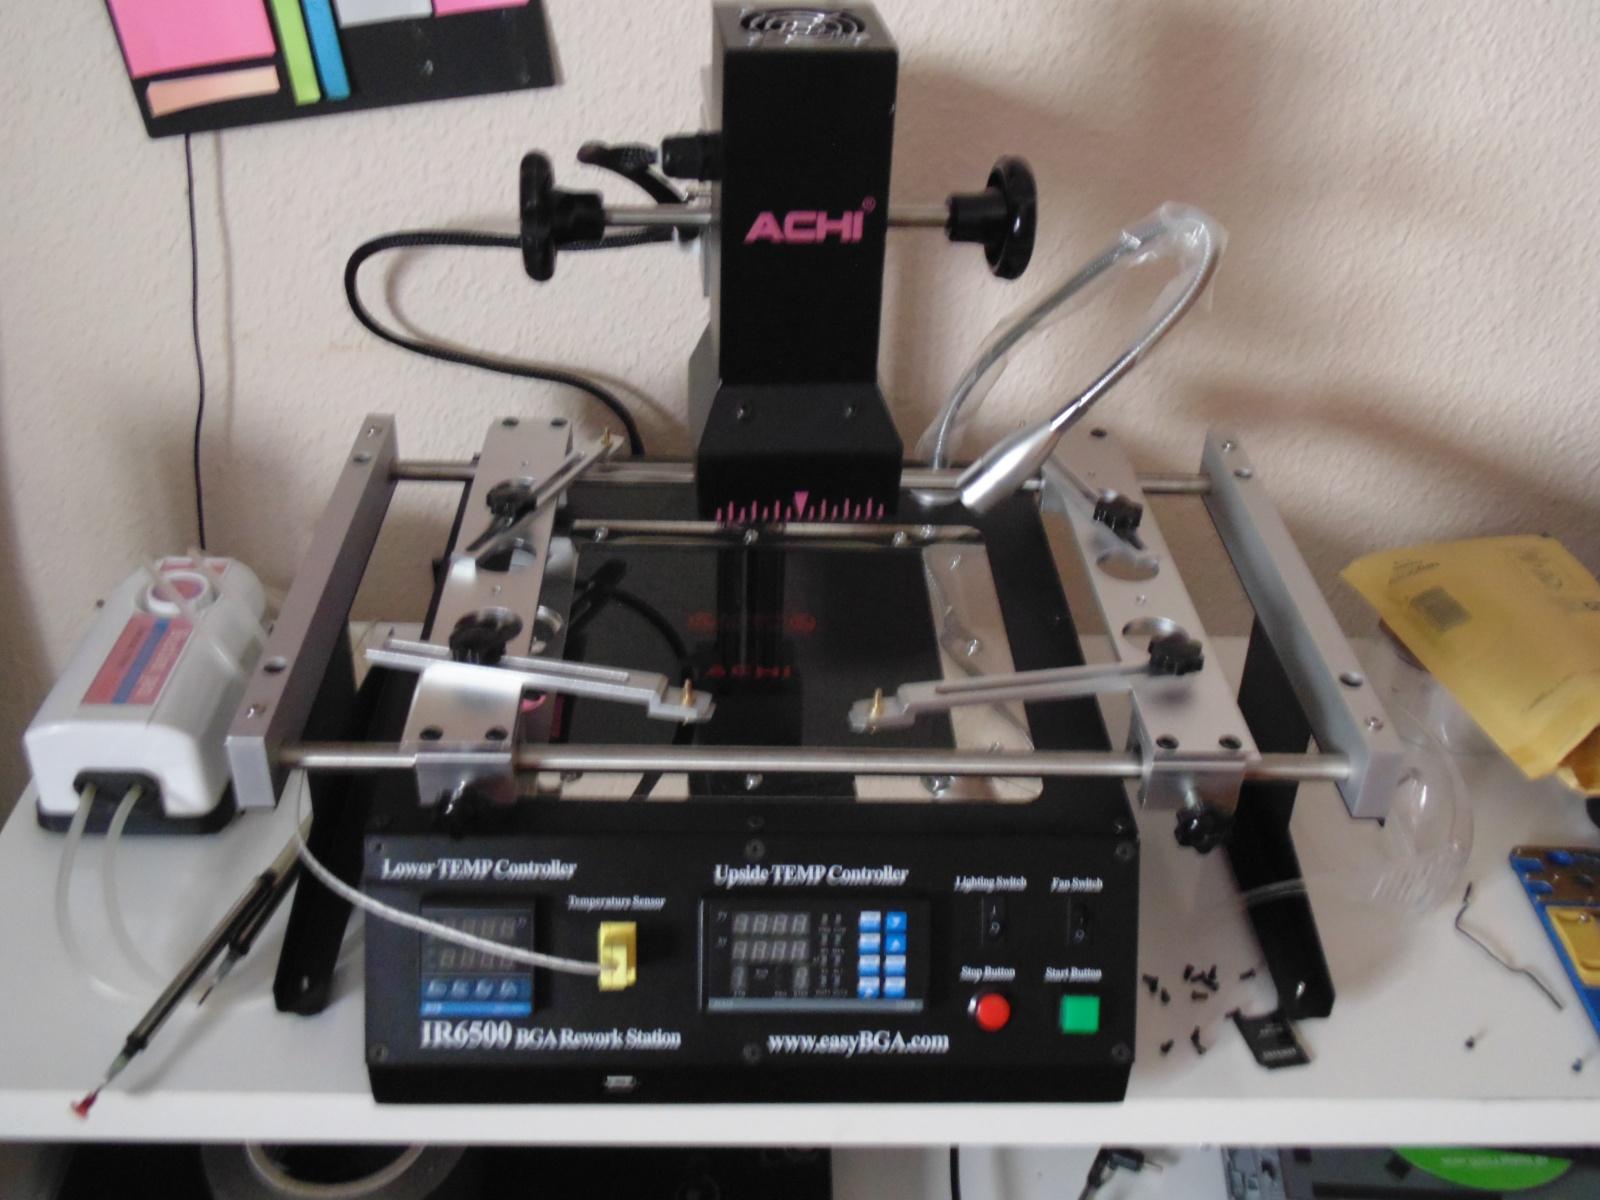 Цифровая камера с дискетой: обозреваем Sony Mavica MVC-FD73 - 13